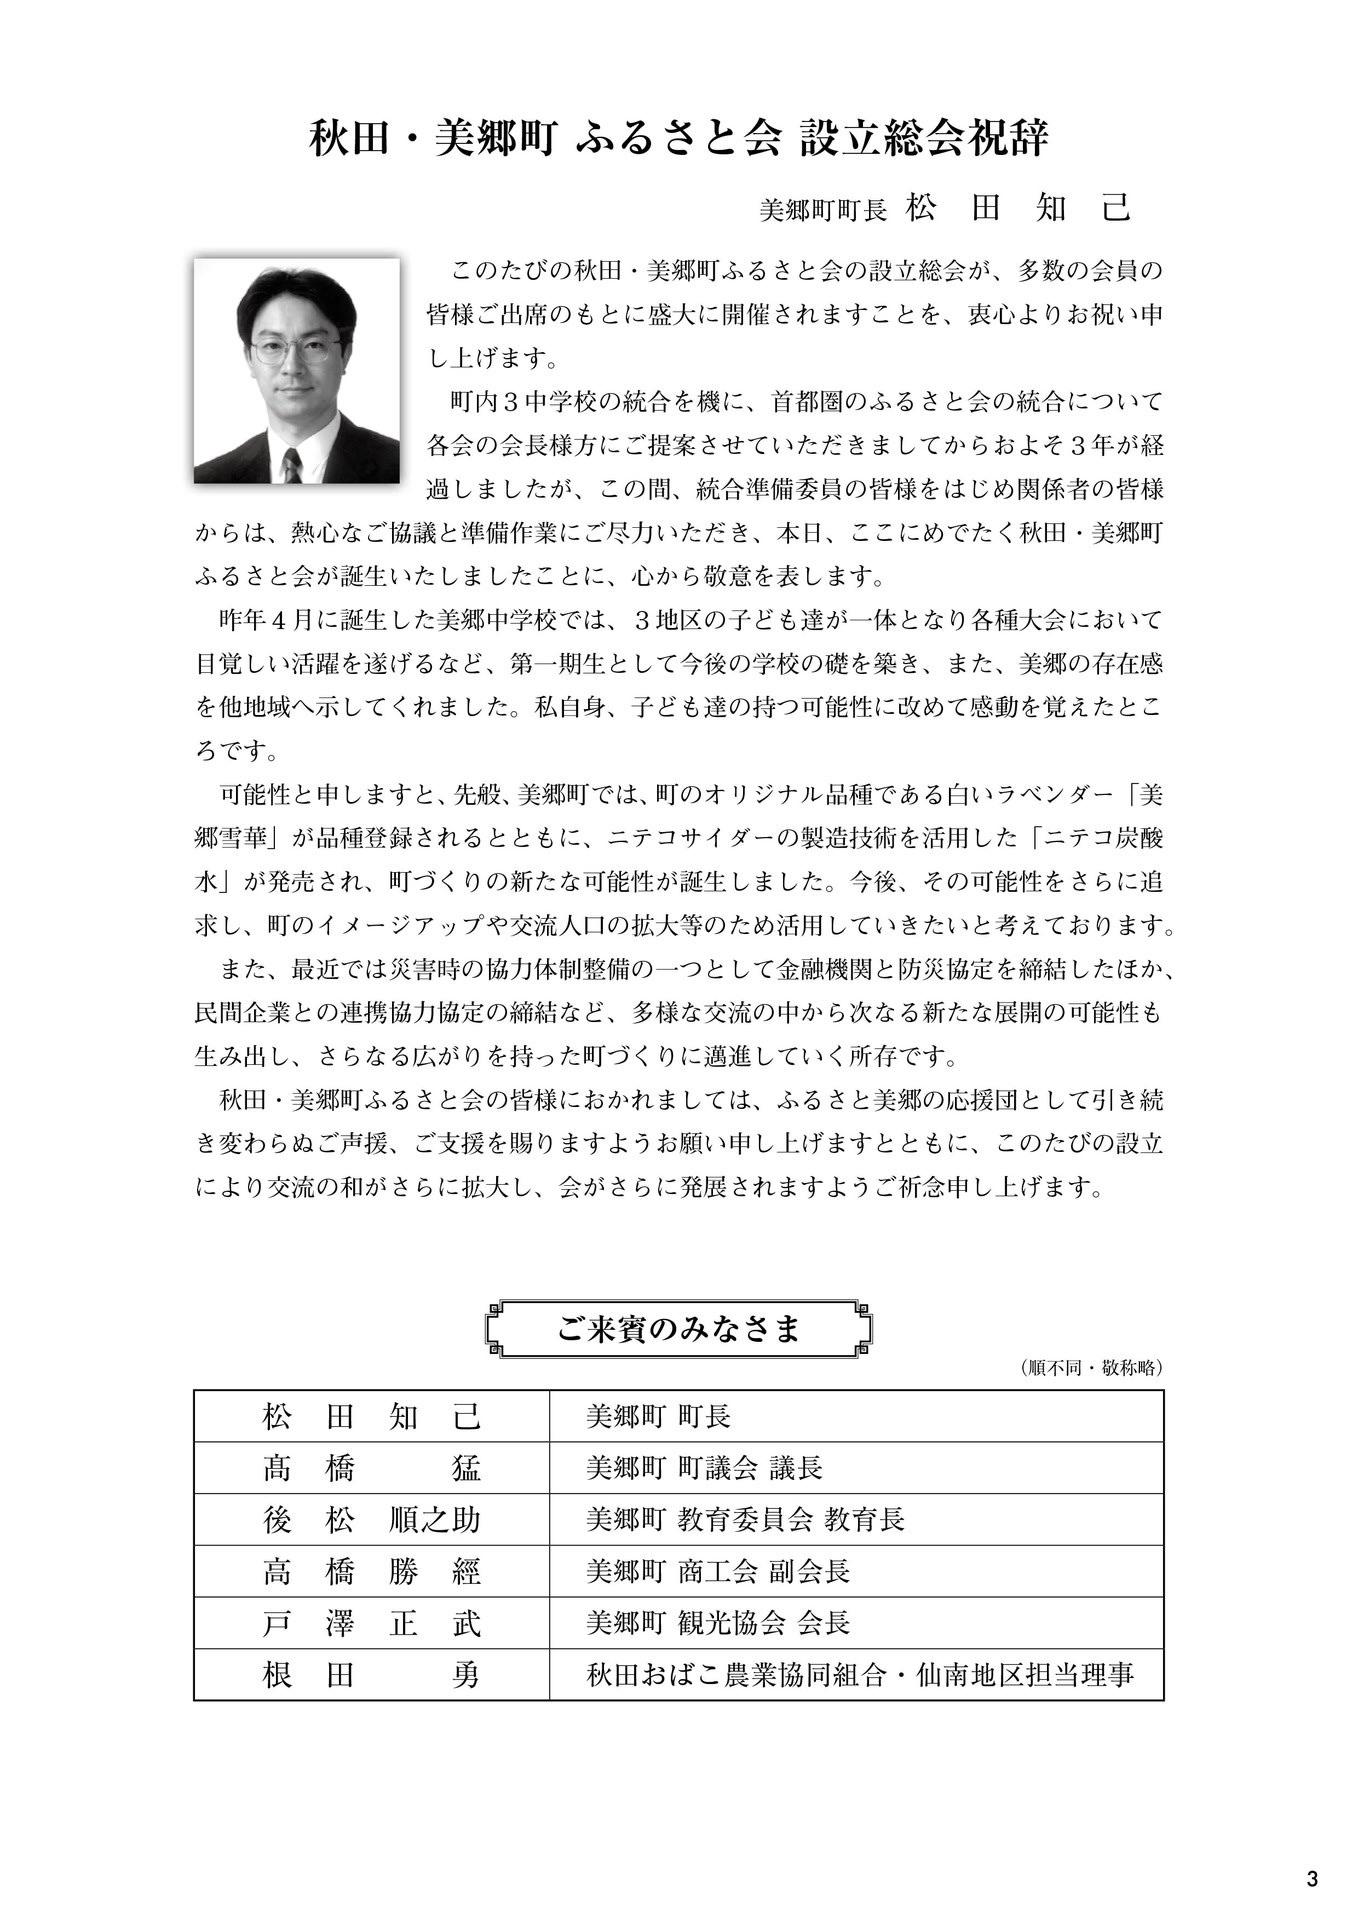 第1回秋田・美郷町ふるさと会パンフレット(祝辞)